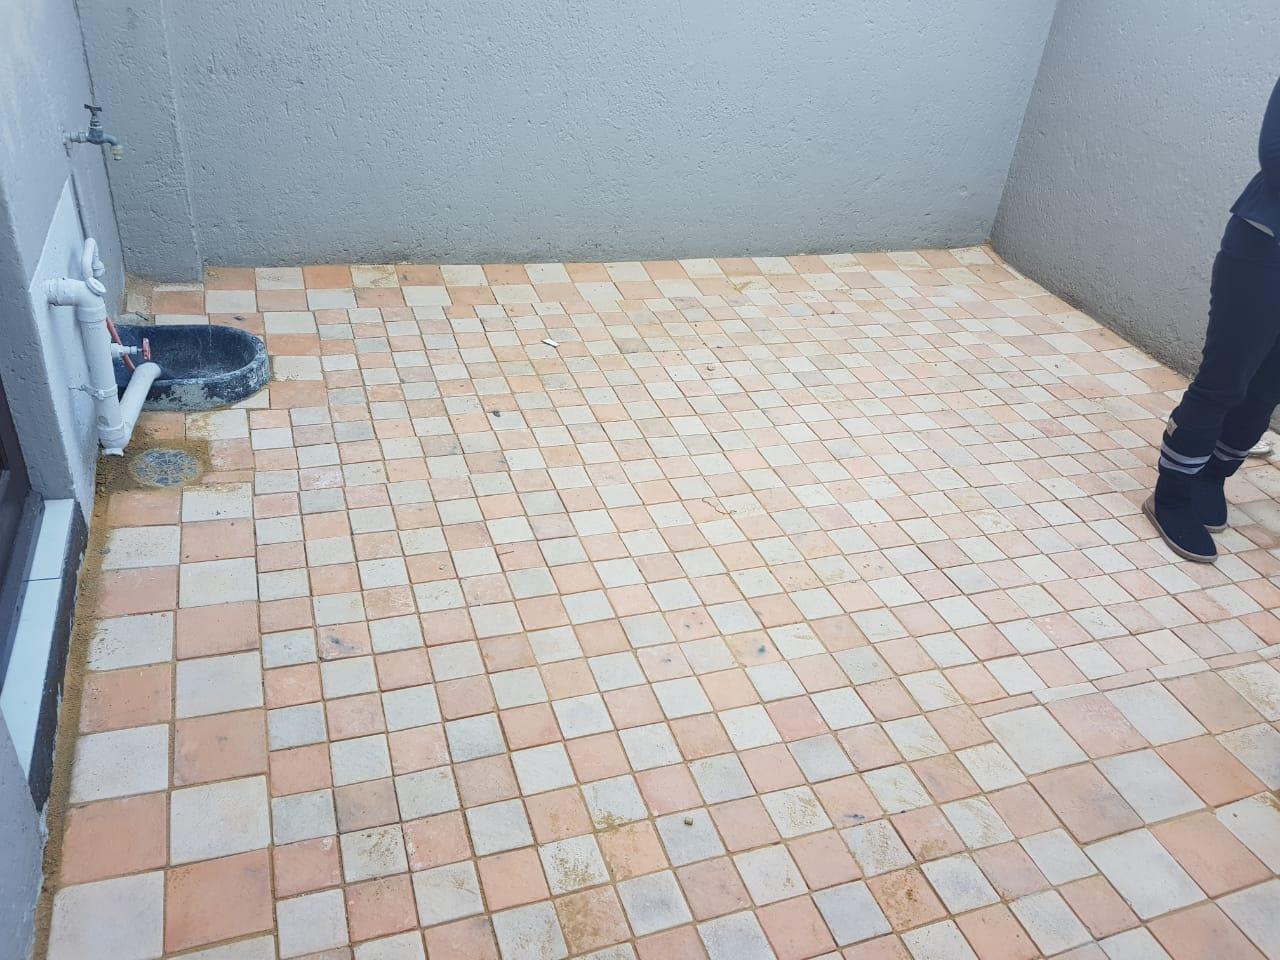 Quarteryard paving 110 x 110 x 50 square cobble paving